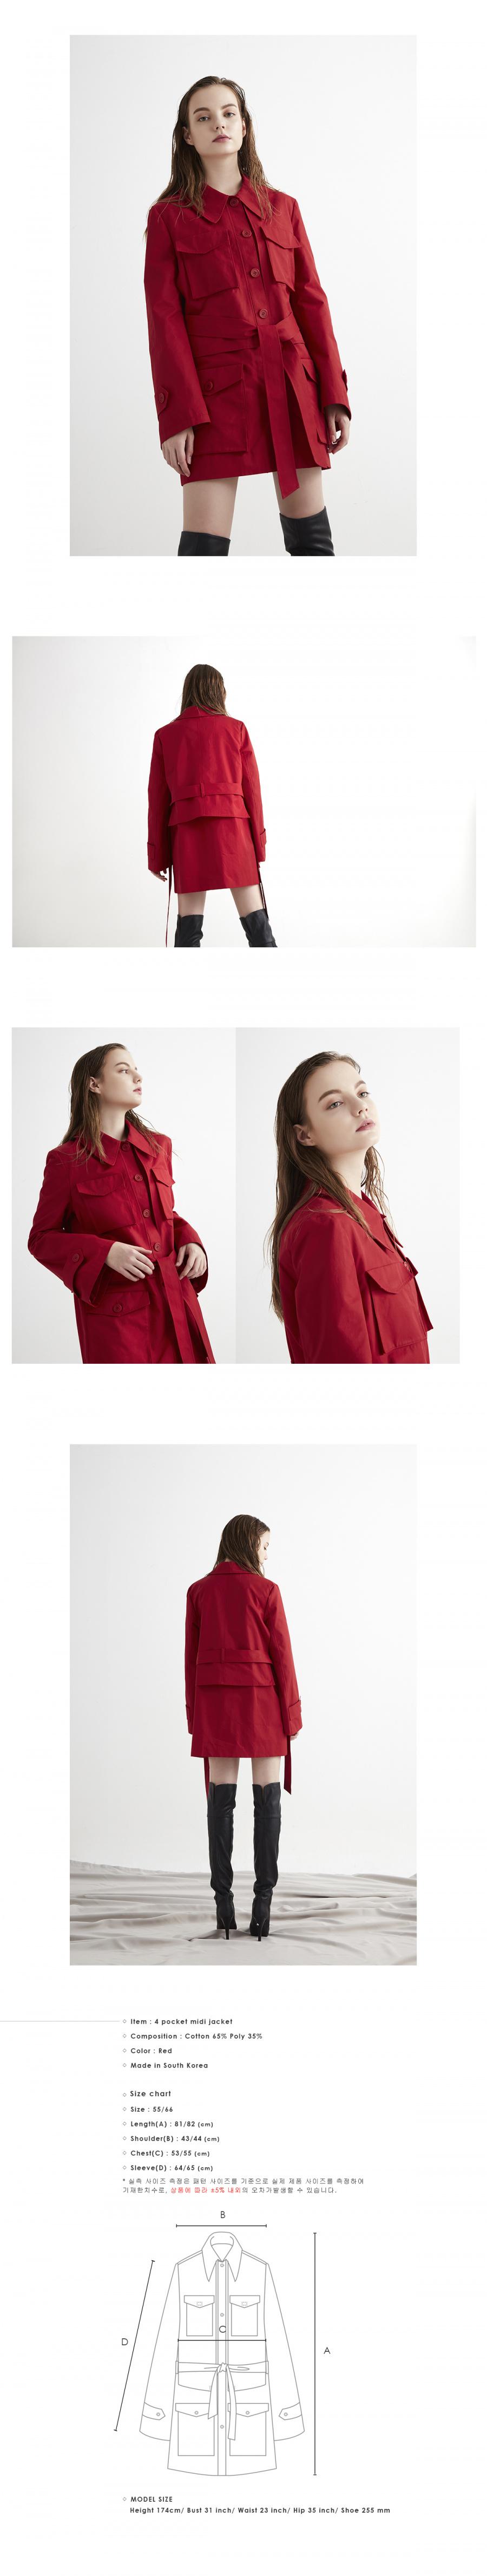 클로제스트.(CLOTHEST.) [2019 S/S Collection] Red safari jacket